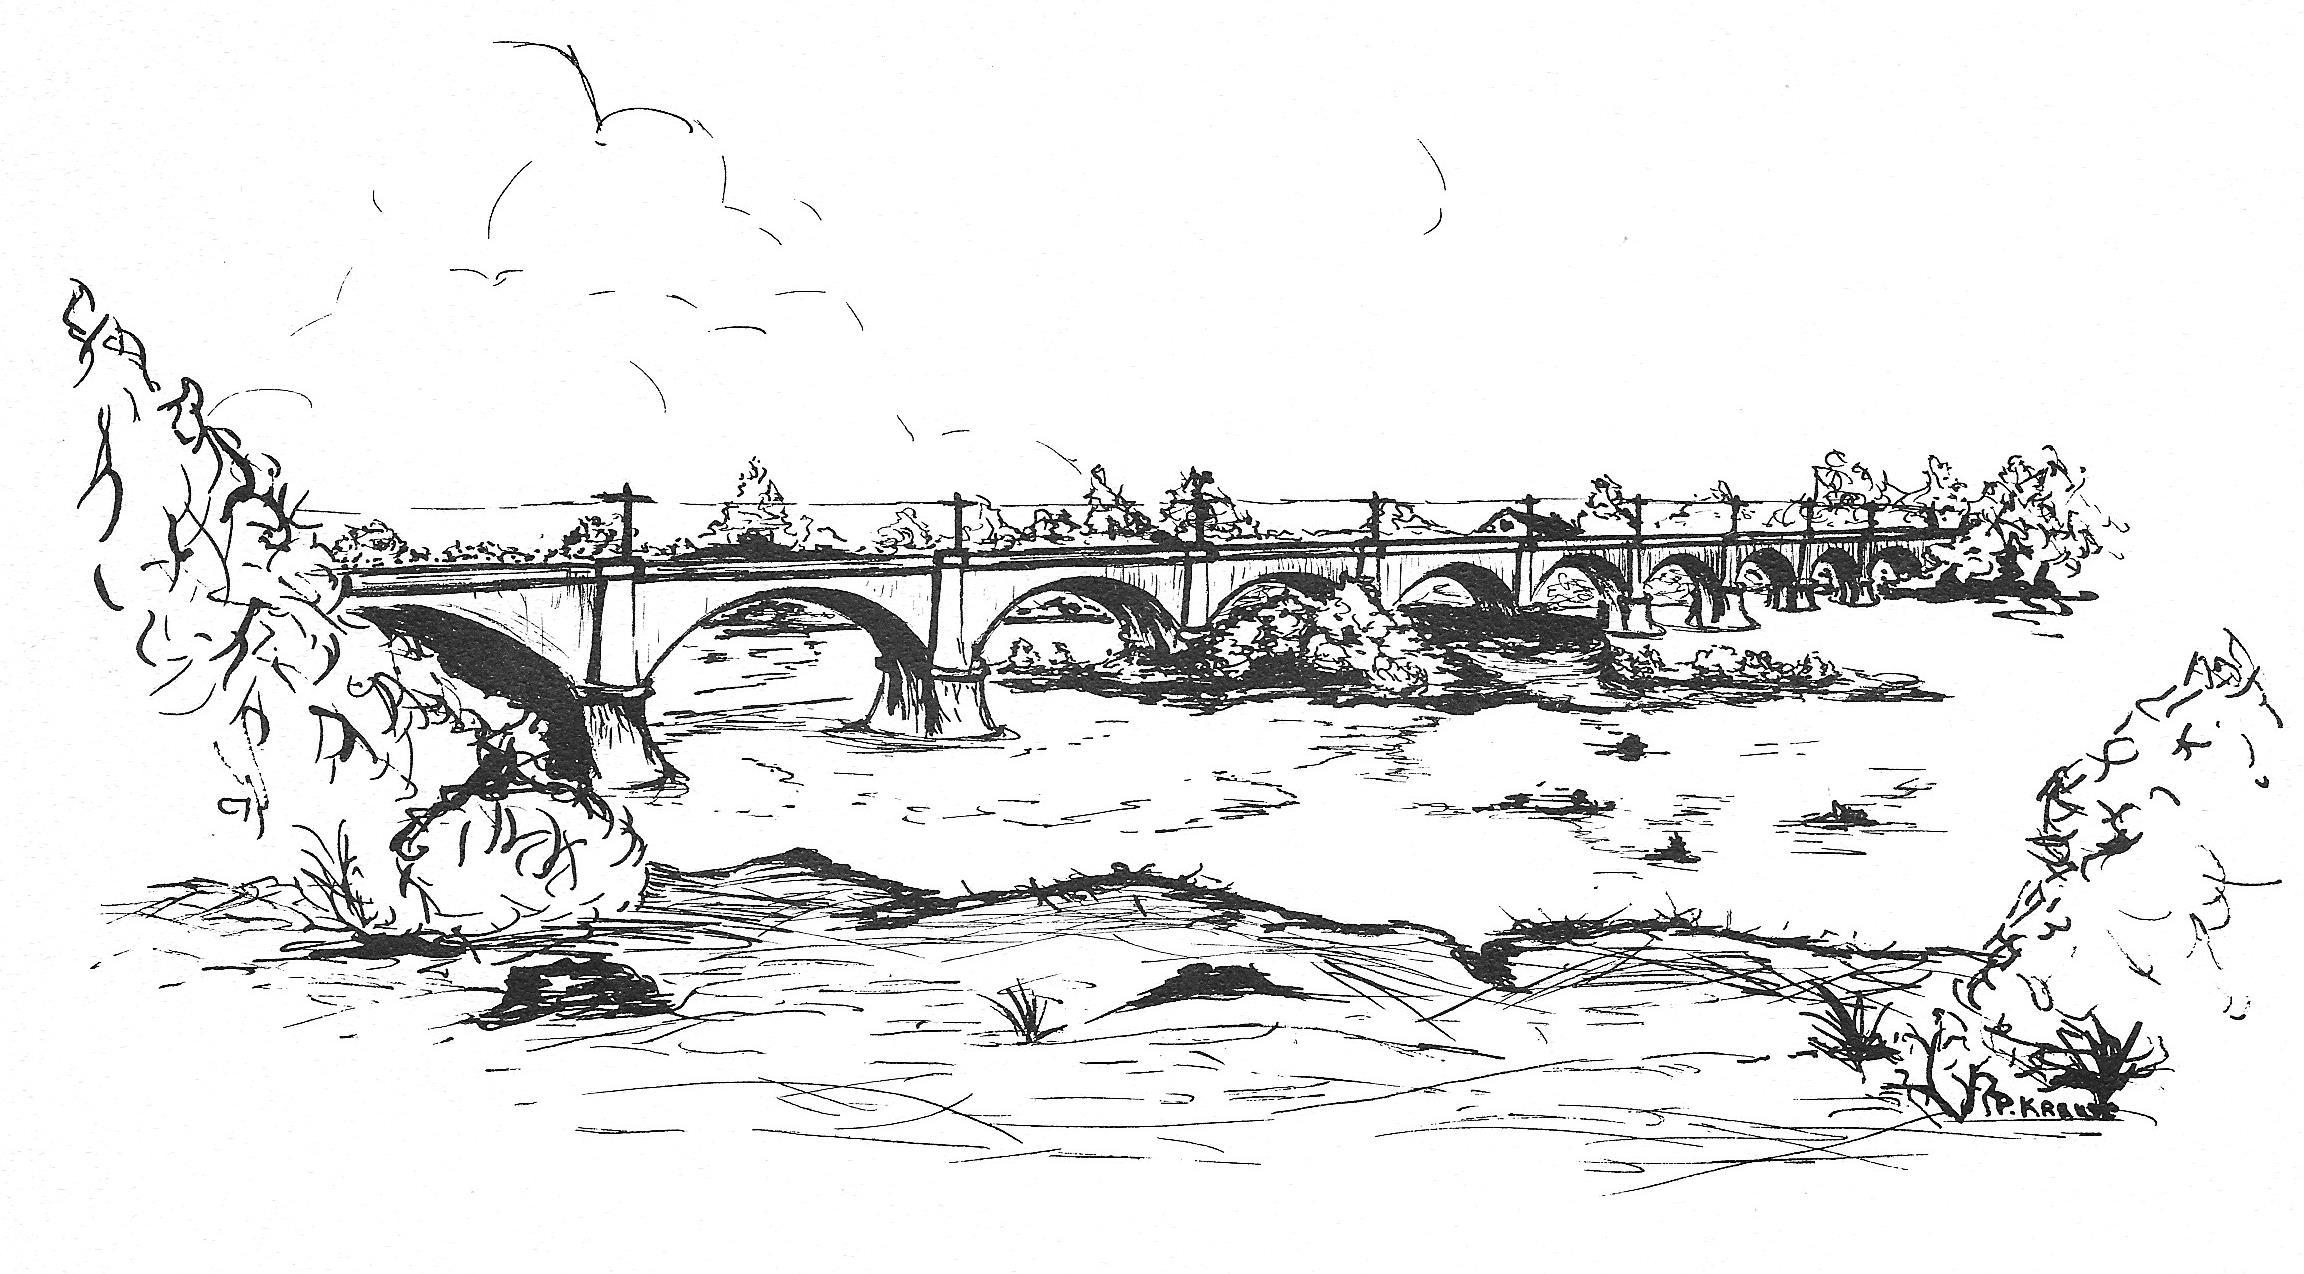 krause line drawing of bridge.jpg